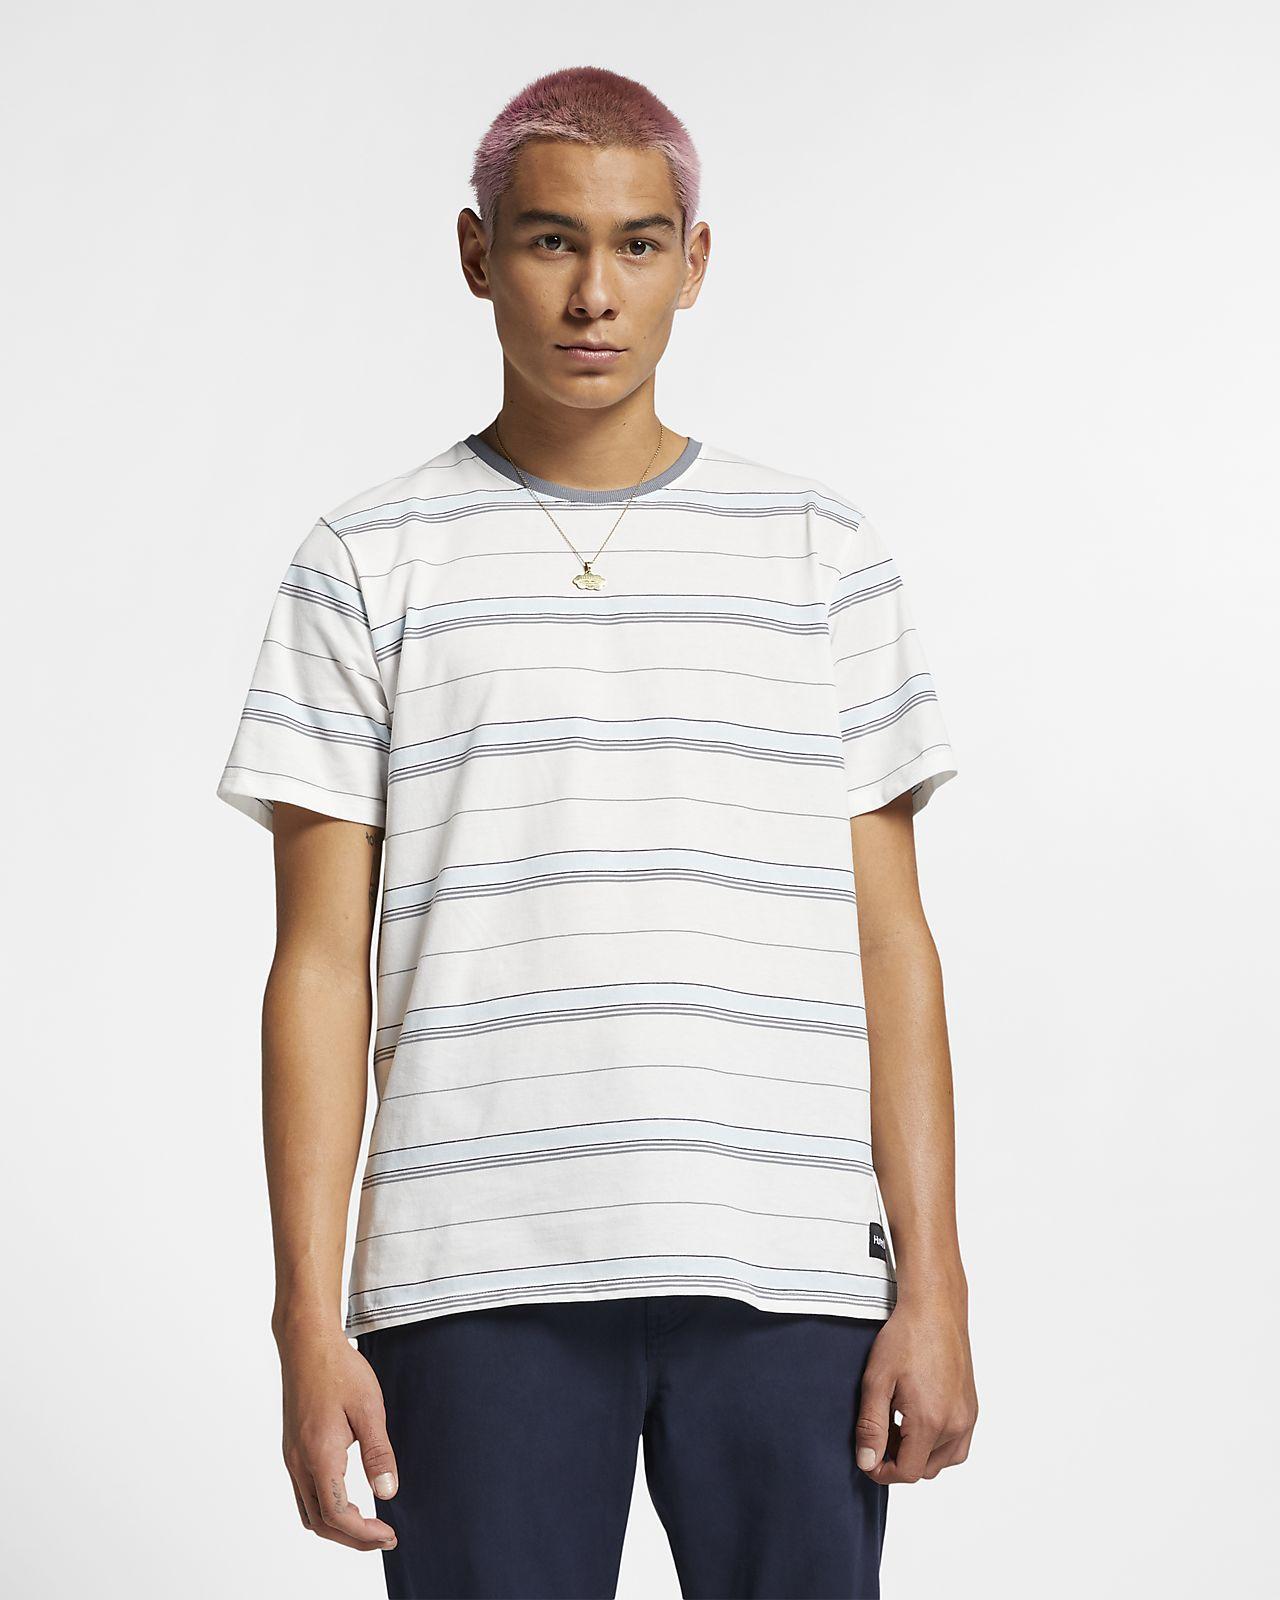 Ανδρική ριγέ μπλούζα Hurley Dri-FIT Harvey